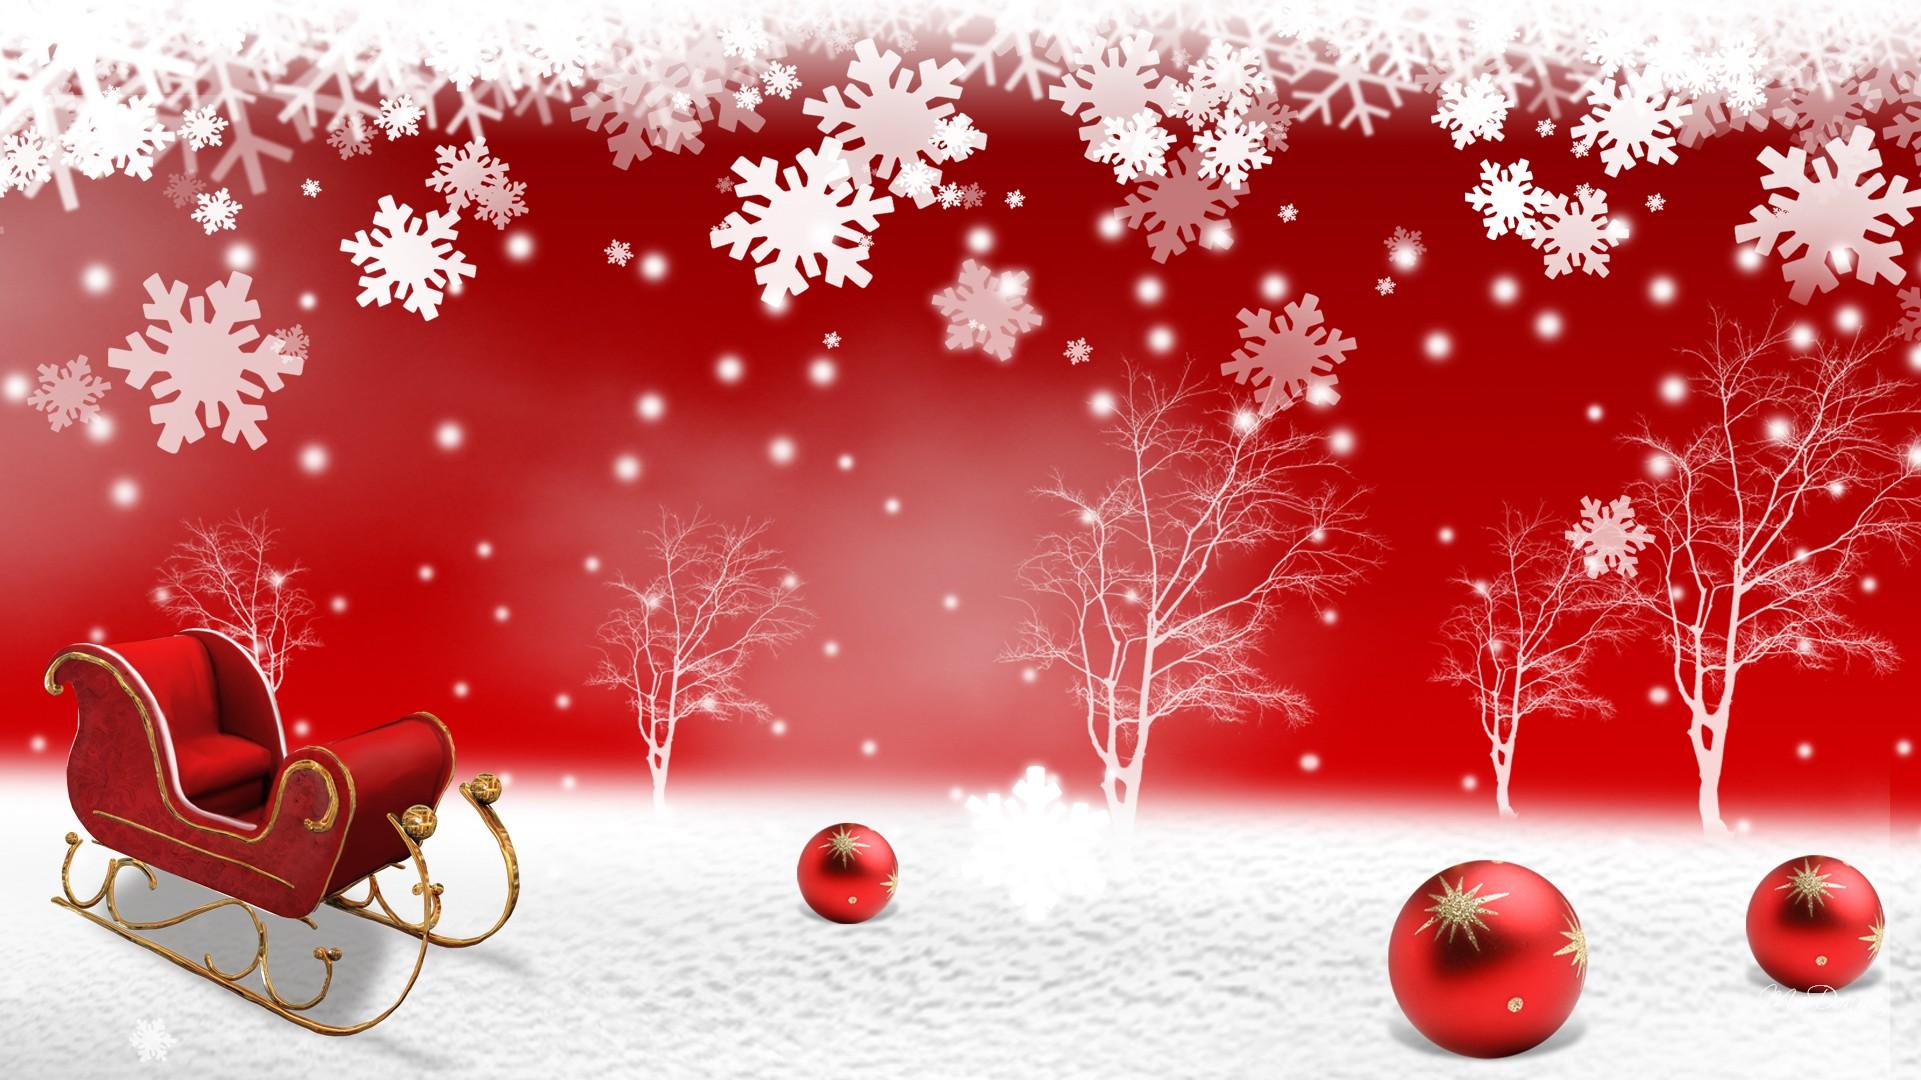 Gambar Wallpaper Cute Hd Navidad Fondos De Navidad Wallpapers Hd